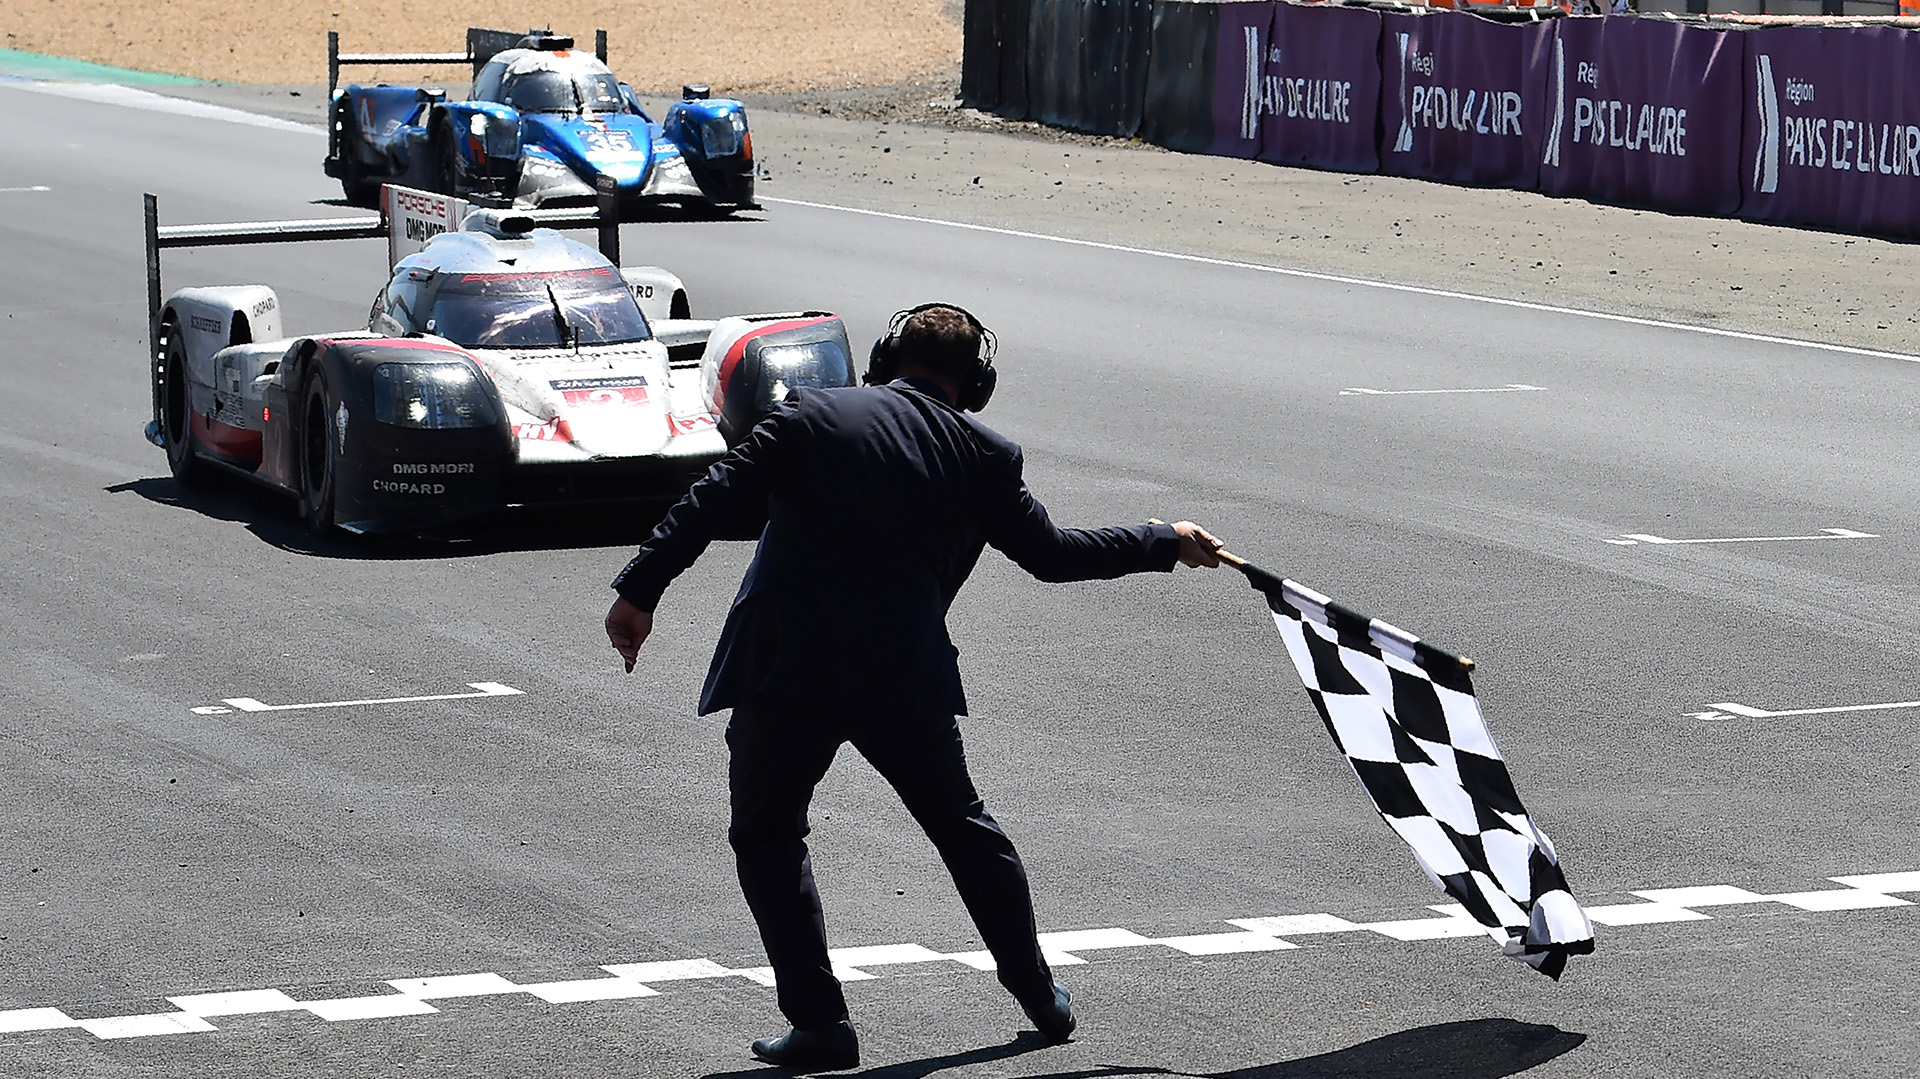 El alemán Timo Bernhard cruza la línea de llegada en su Porsche 919 Hybrid N°2 para ganar la 85° edición de las 24 horas de Le Mans en Francia(AFP)